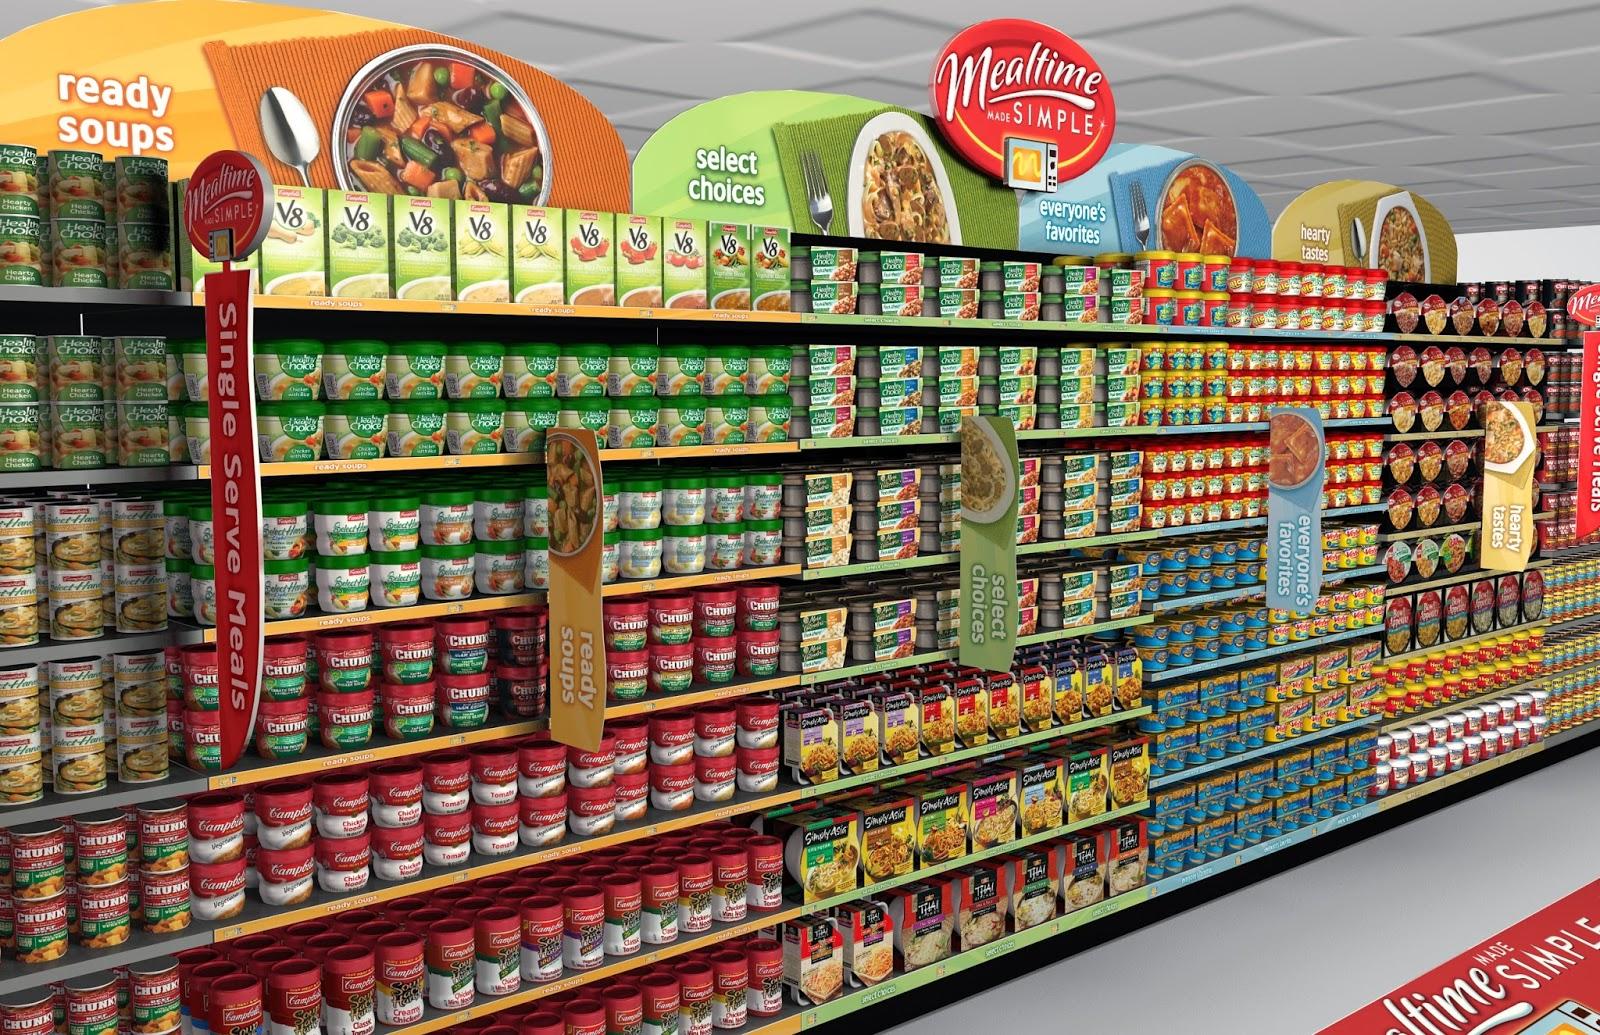 Việc lựa chọn kệ để hàng trong siêu thị rất quan trọng